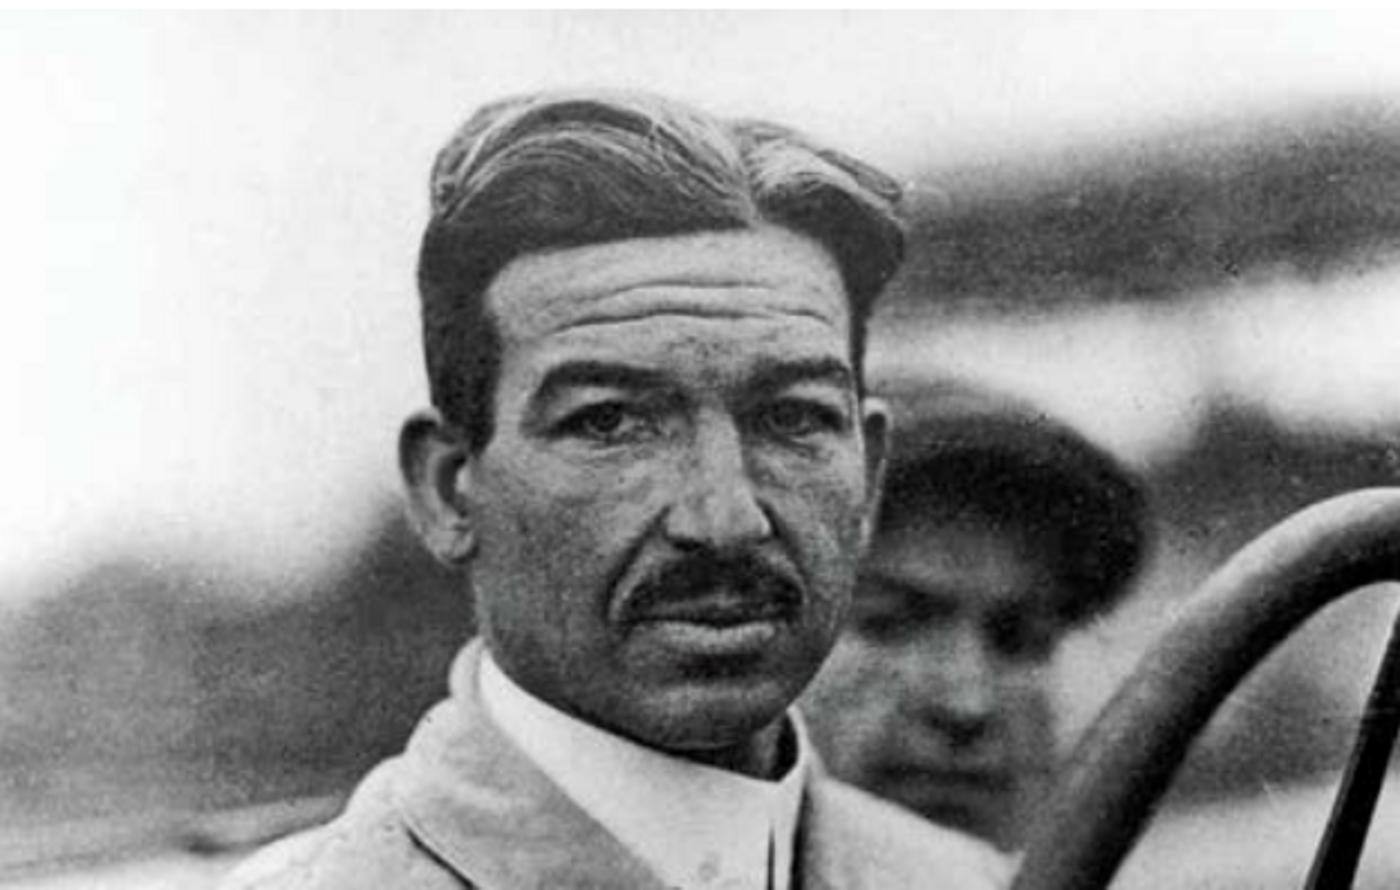 Alfieri Maserati, fondatore del marchio Maserati